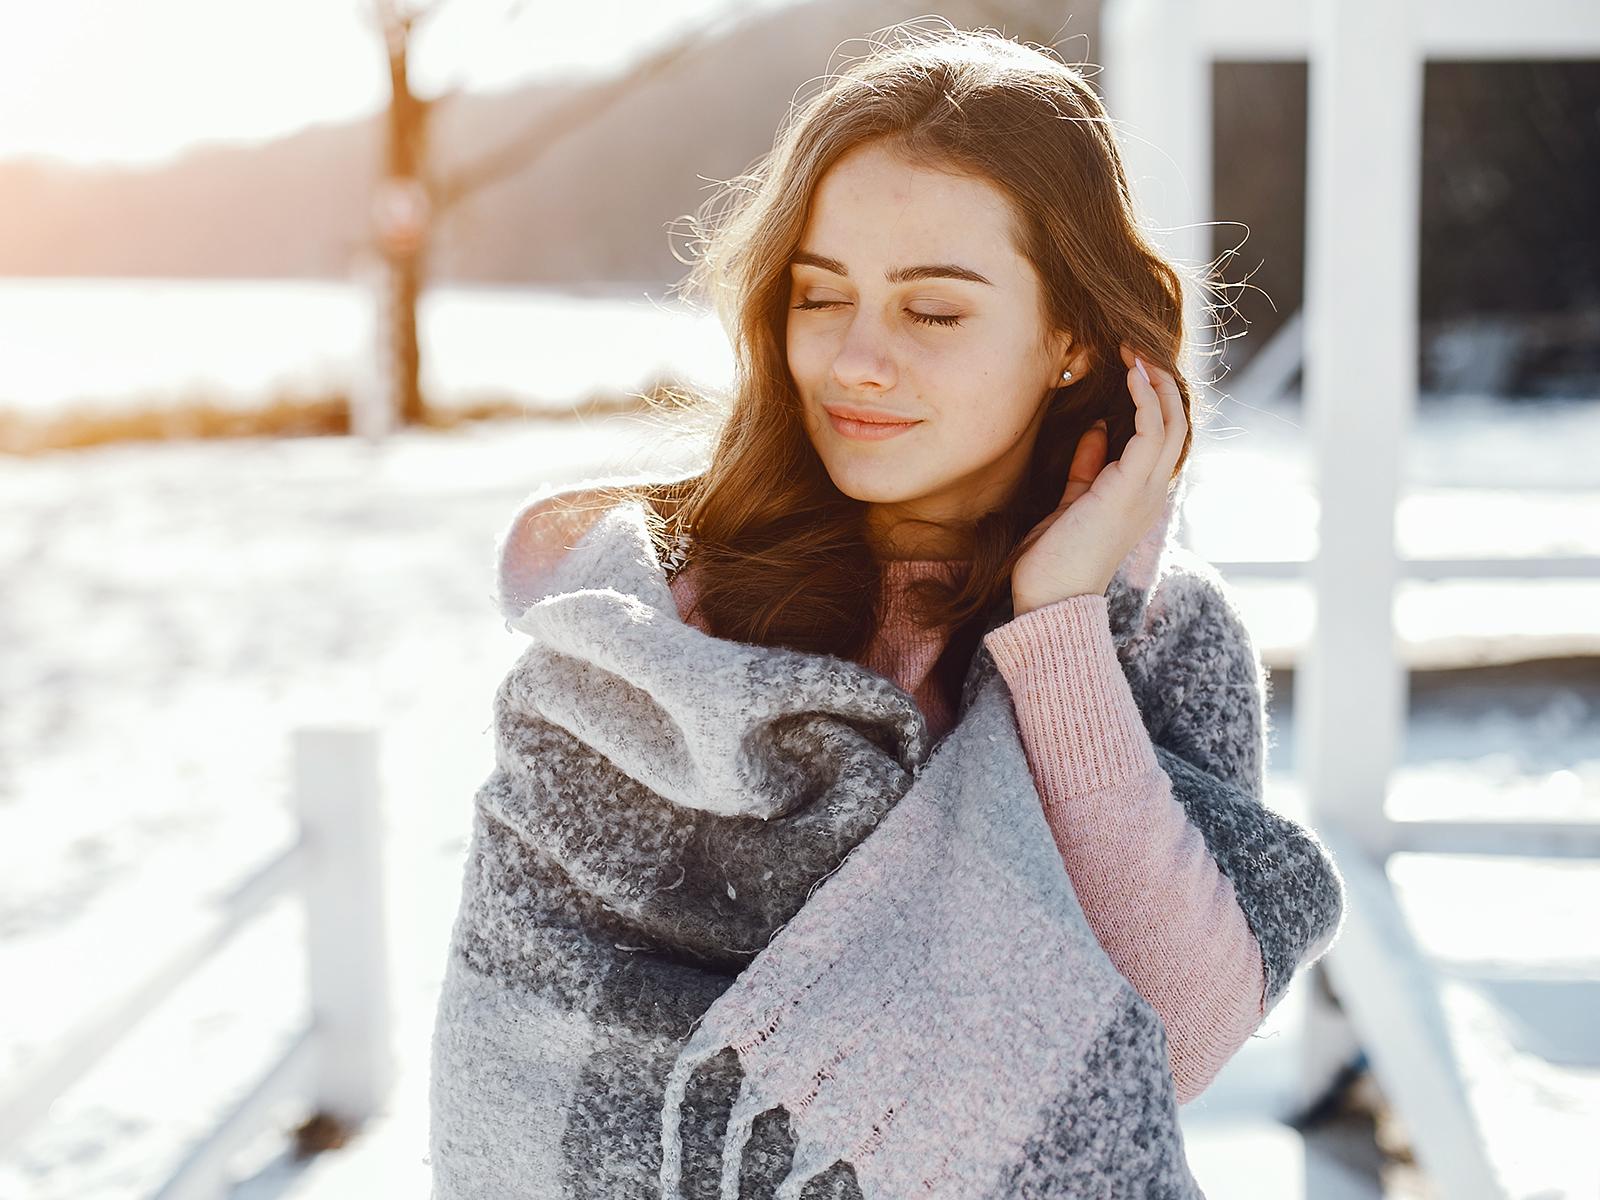 profesjonalne zabiegi kosmetyczne idealne na zimę